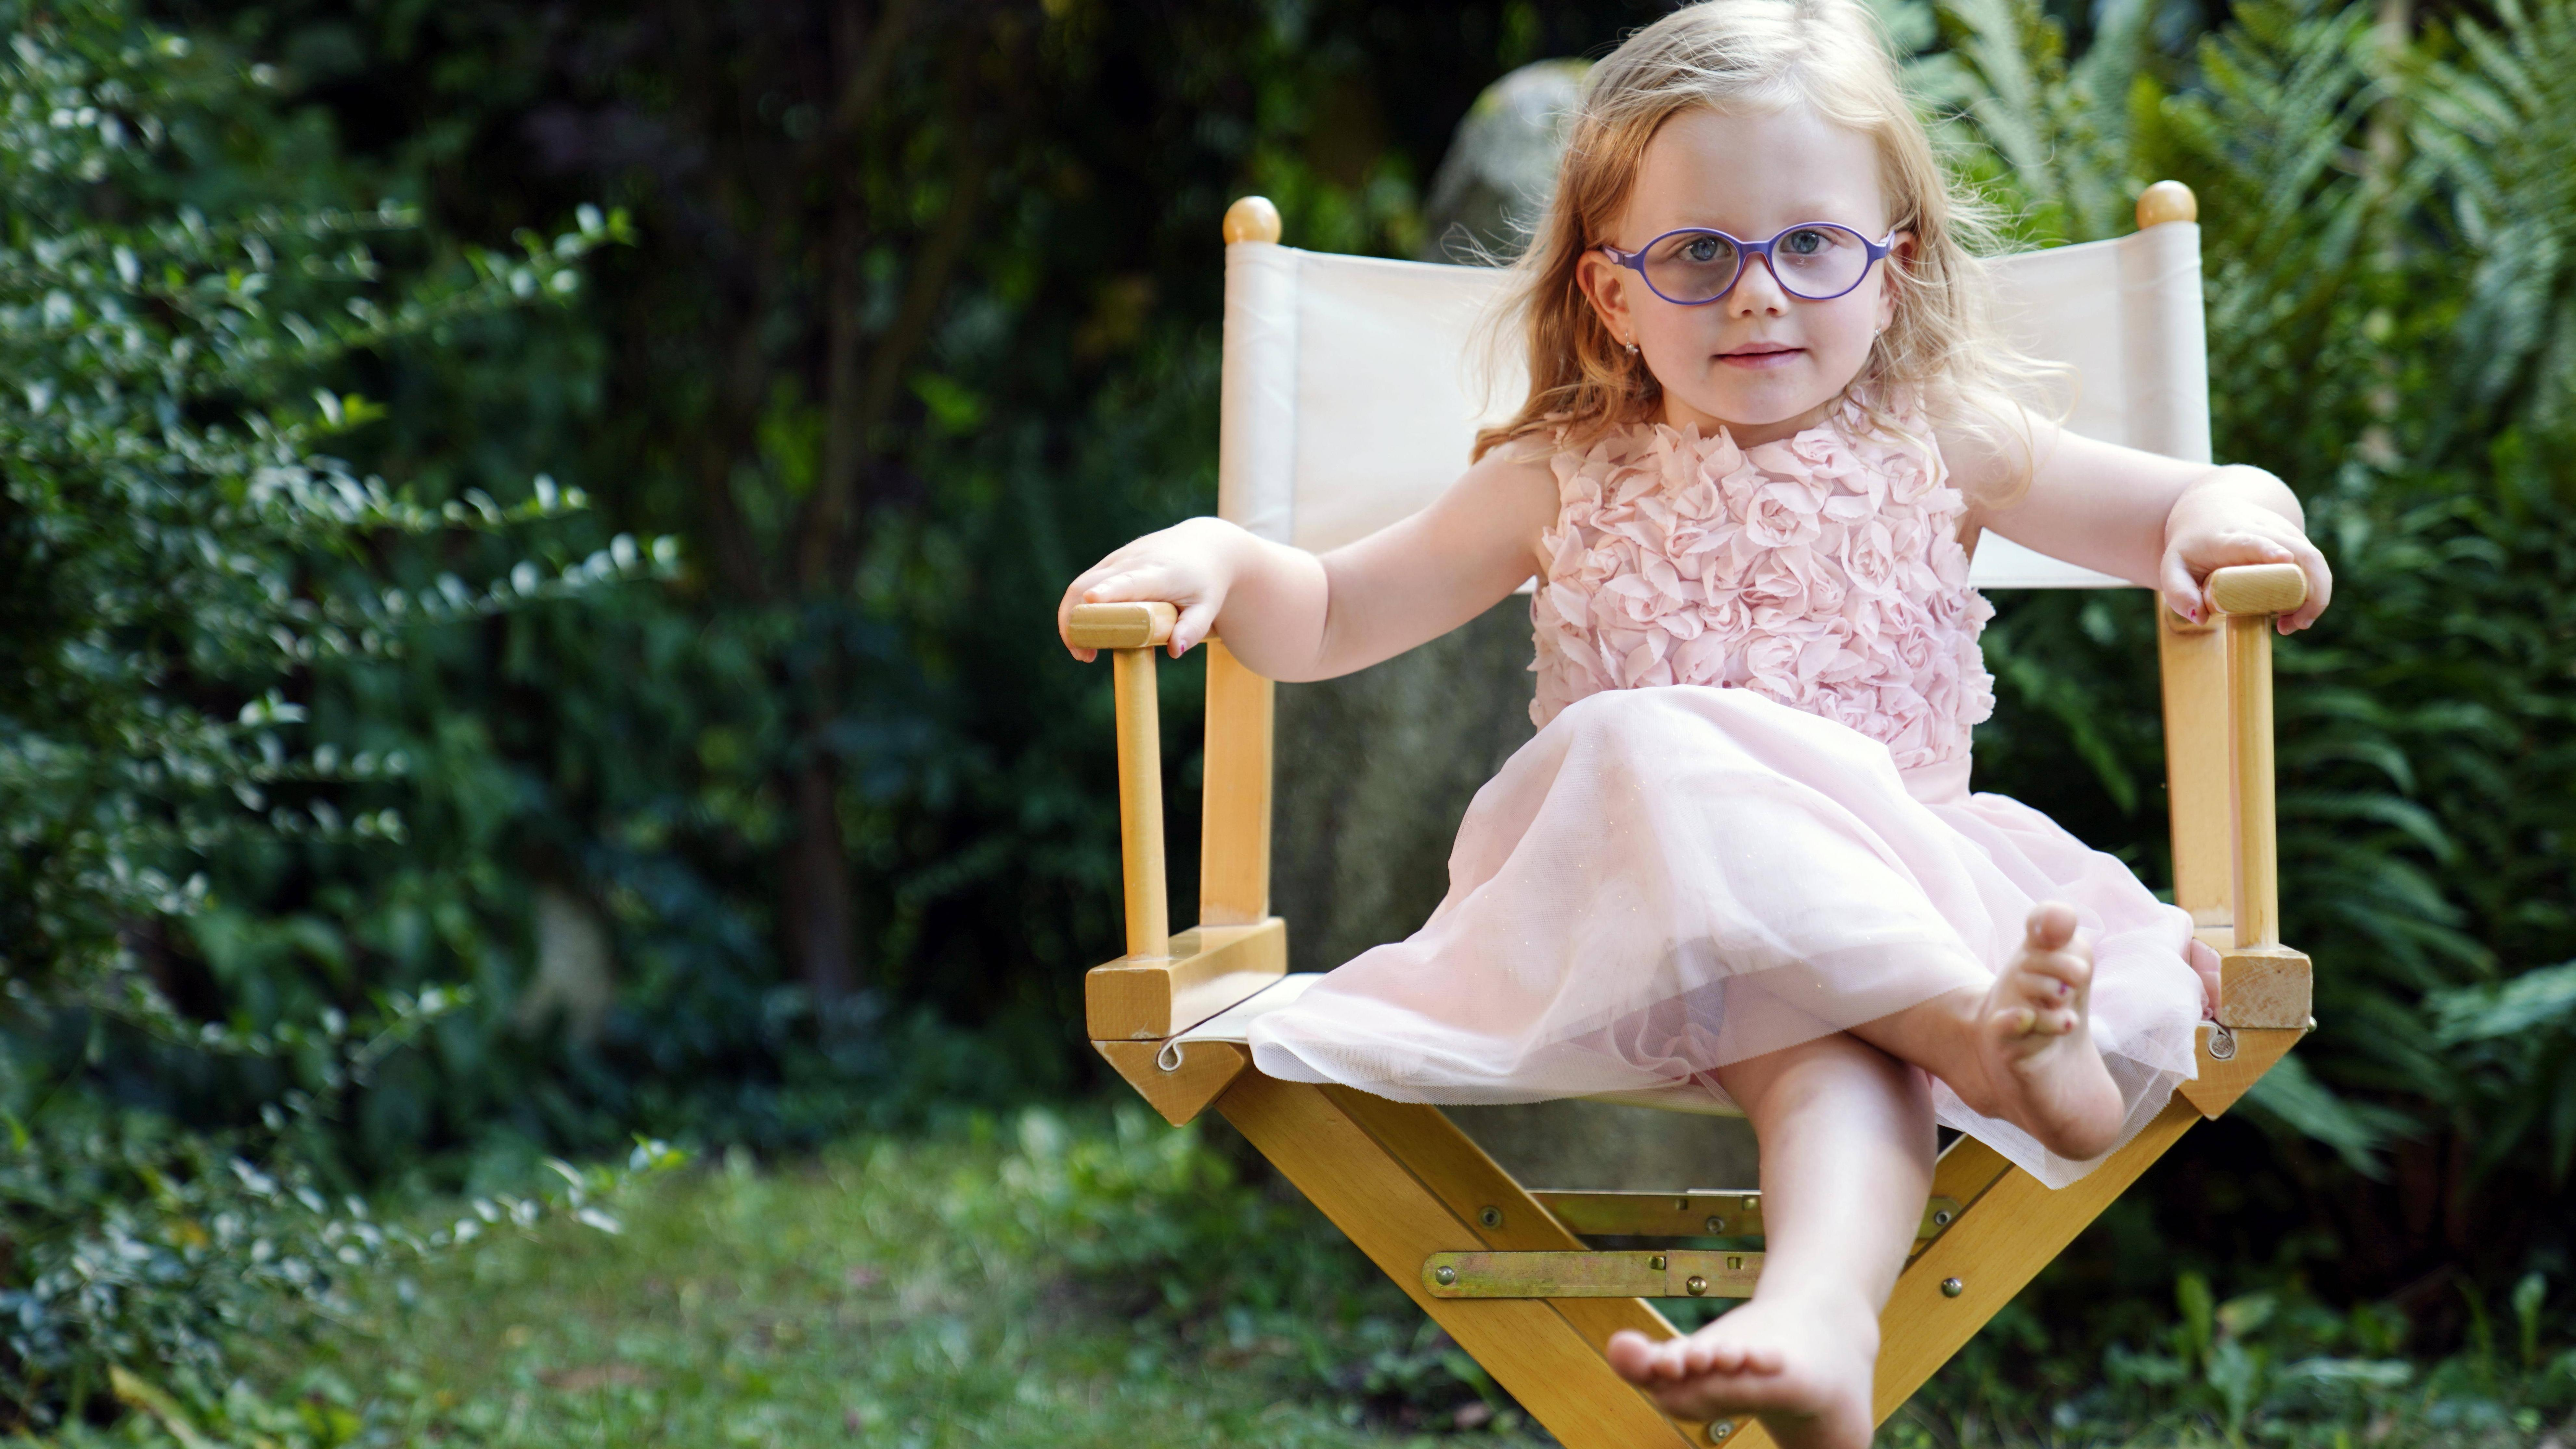 Entwicklung eines drei Jahre alten Kindes: Die Körperproportionen verändern sich.